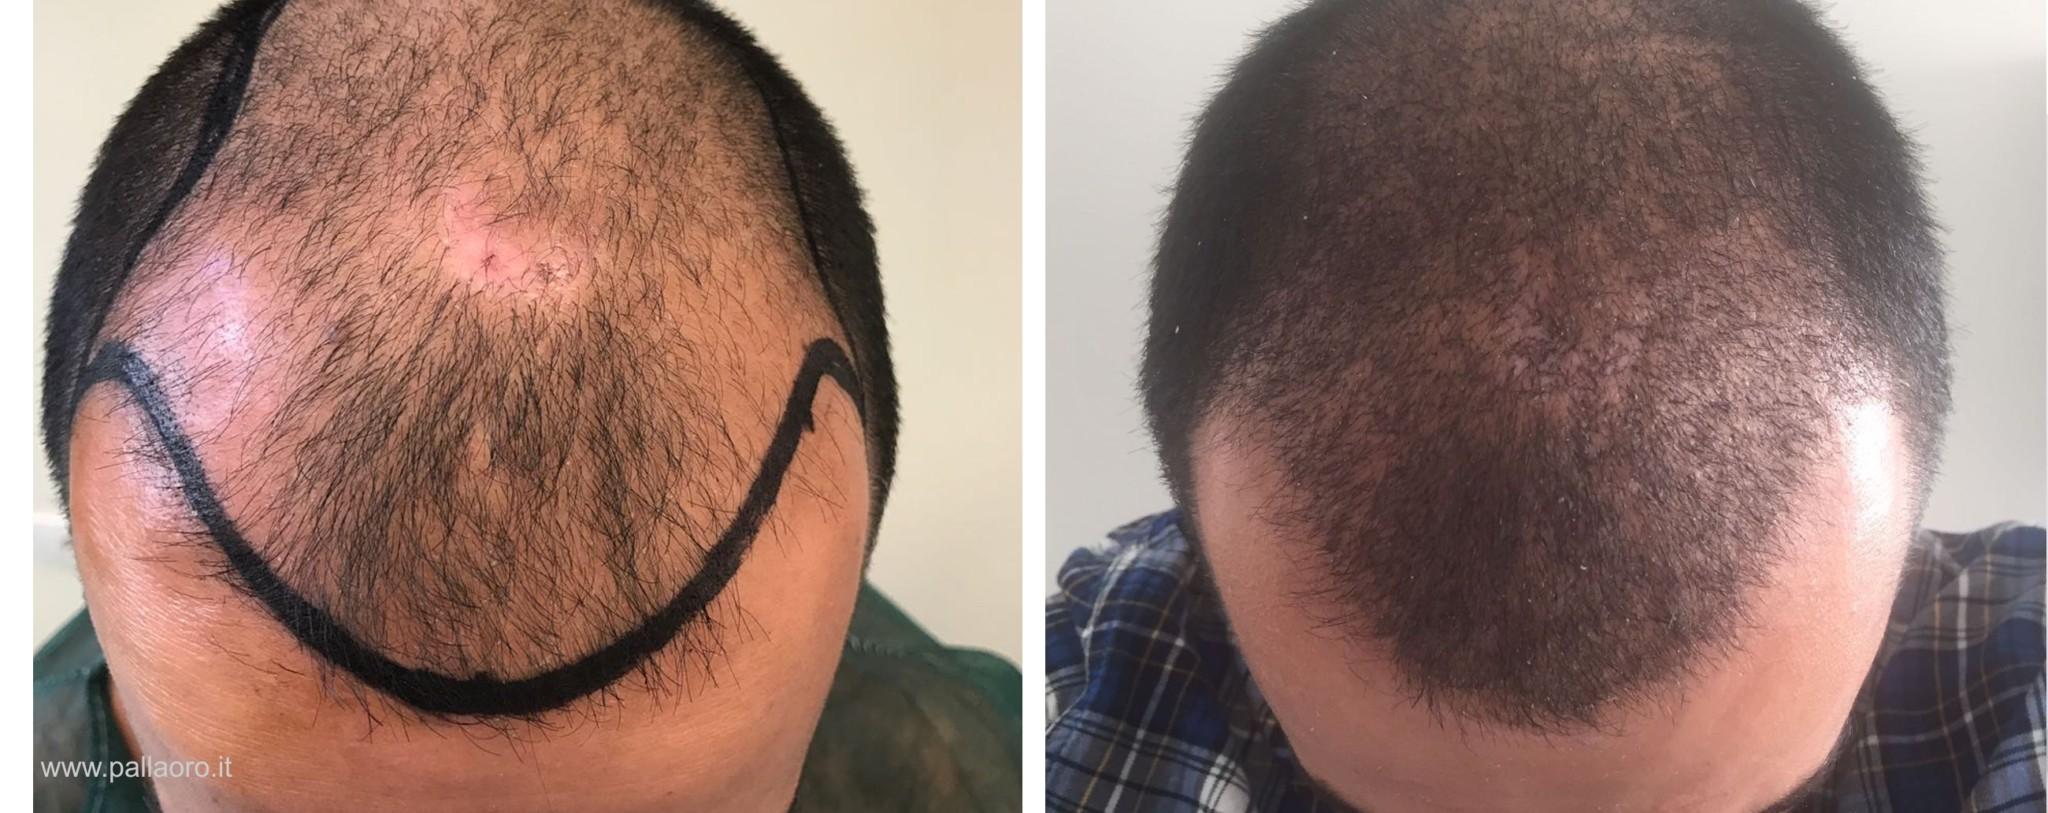 Trapianto capelli uomo prima dopo